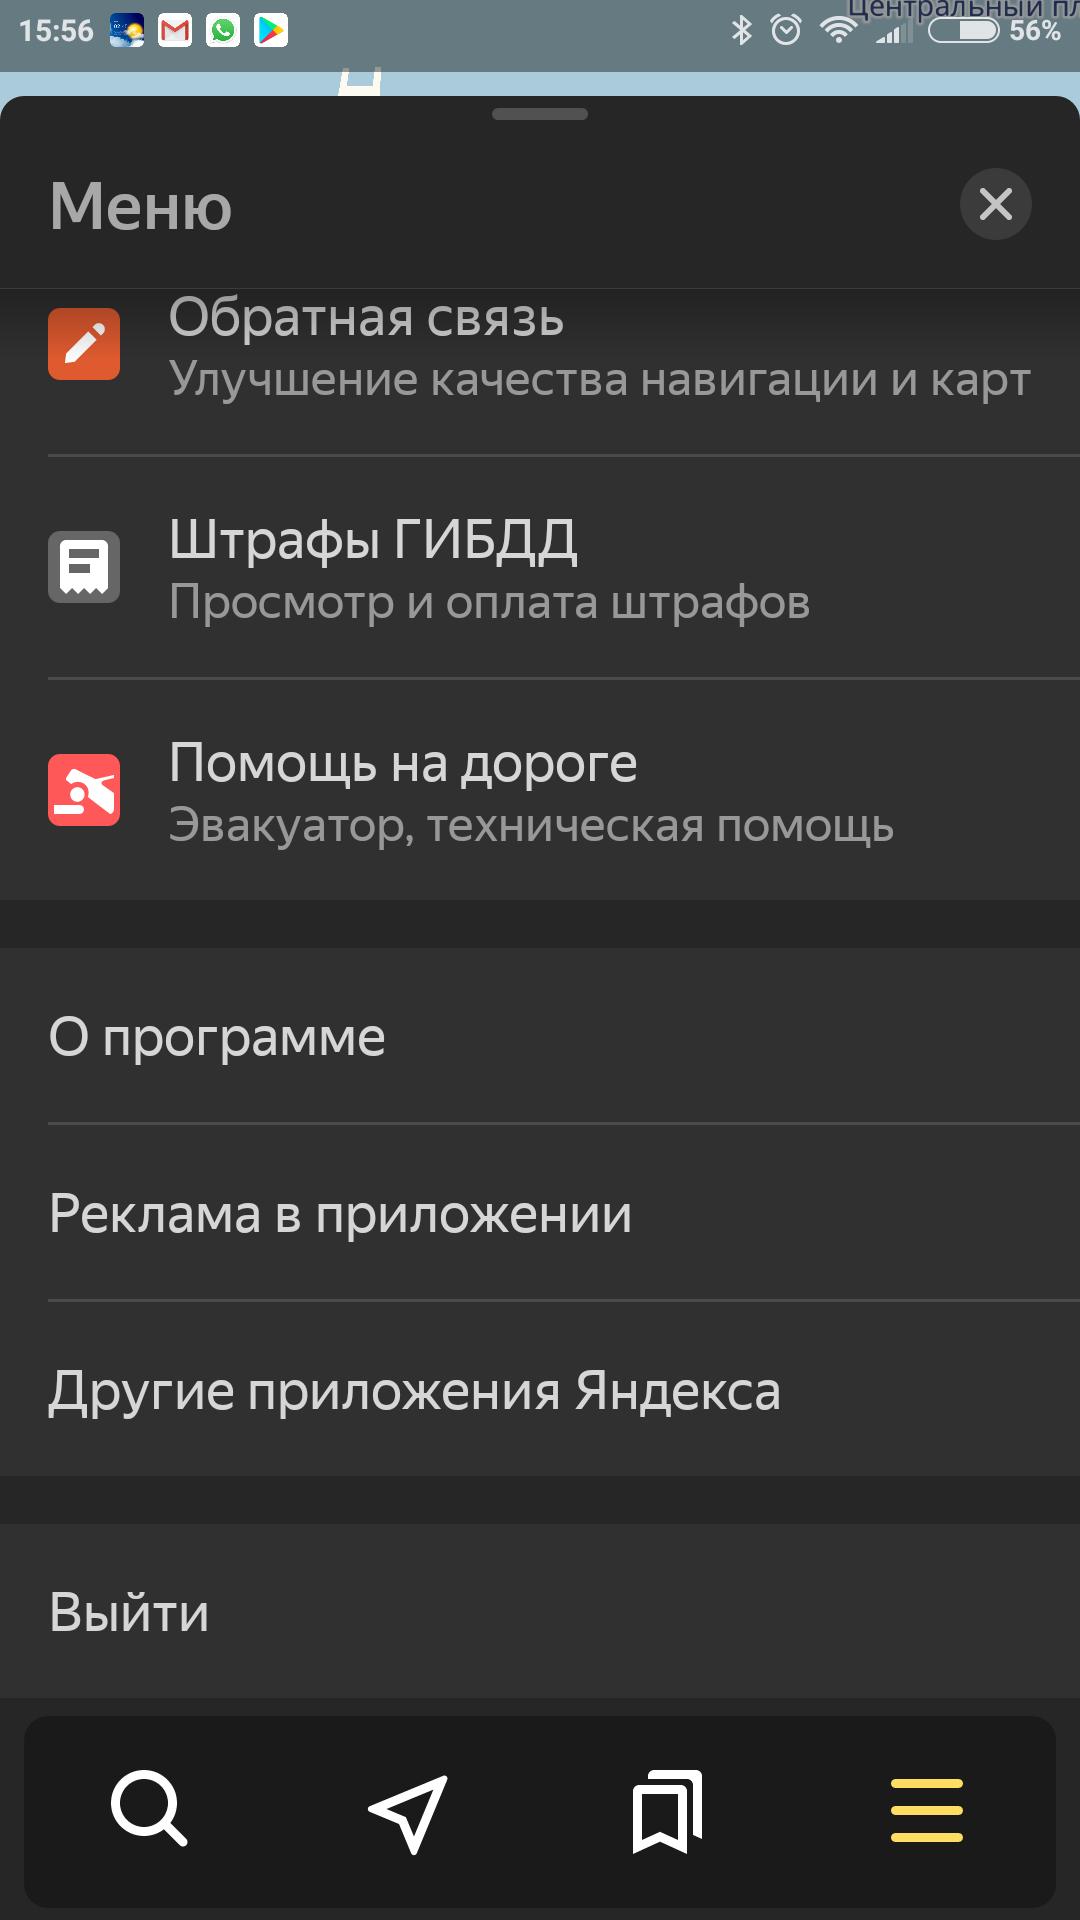 Меню в приложении Яндекс.Навигатор